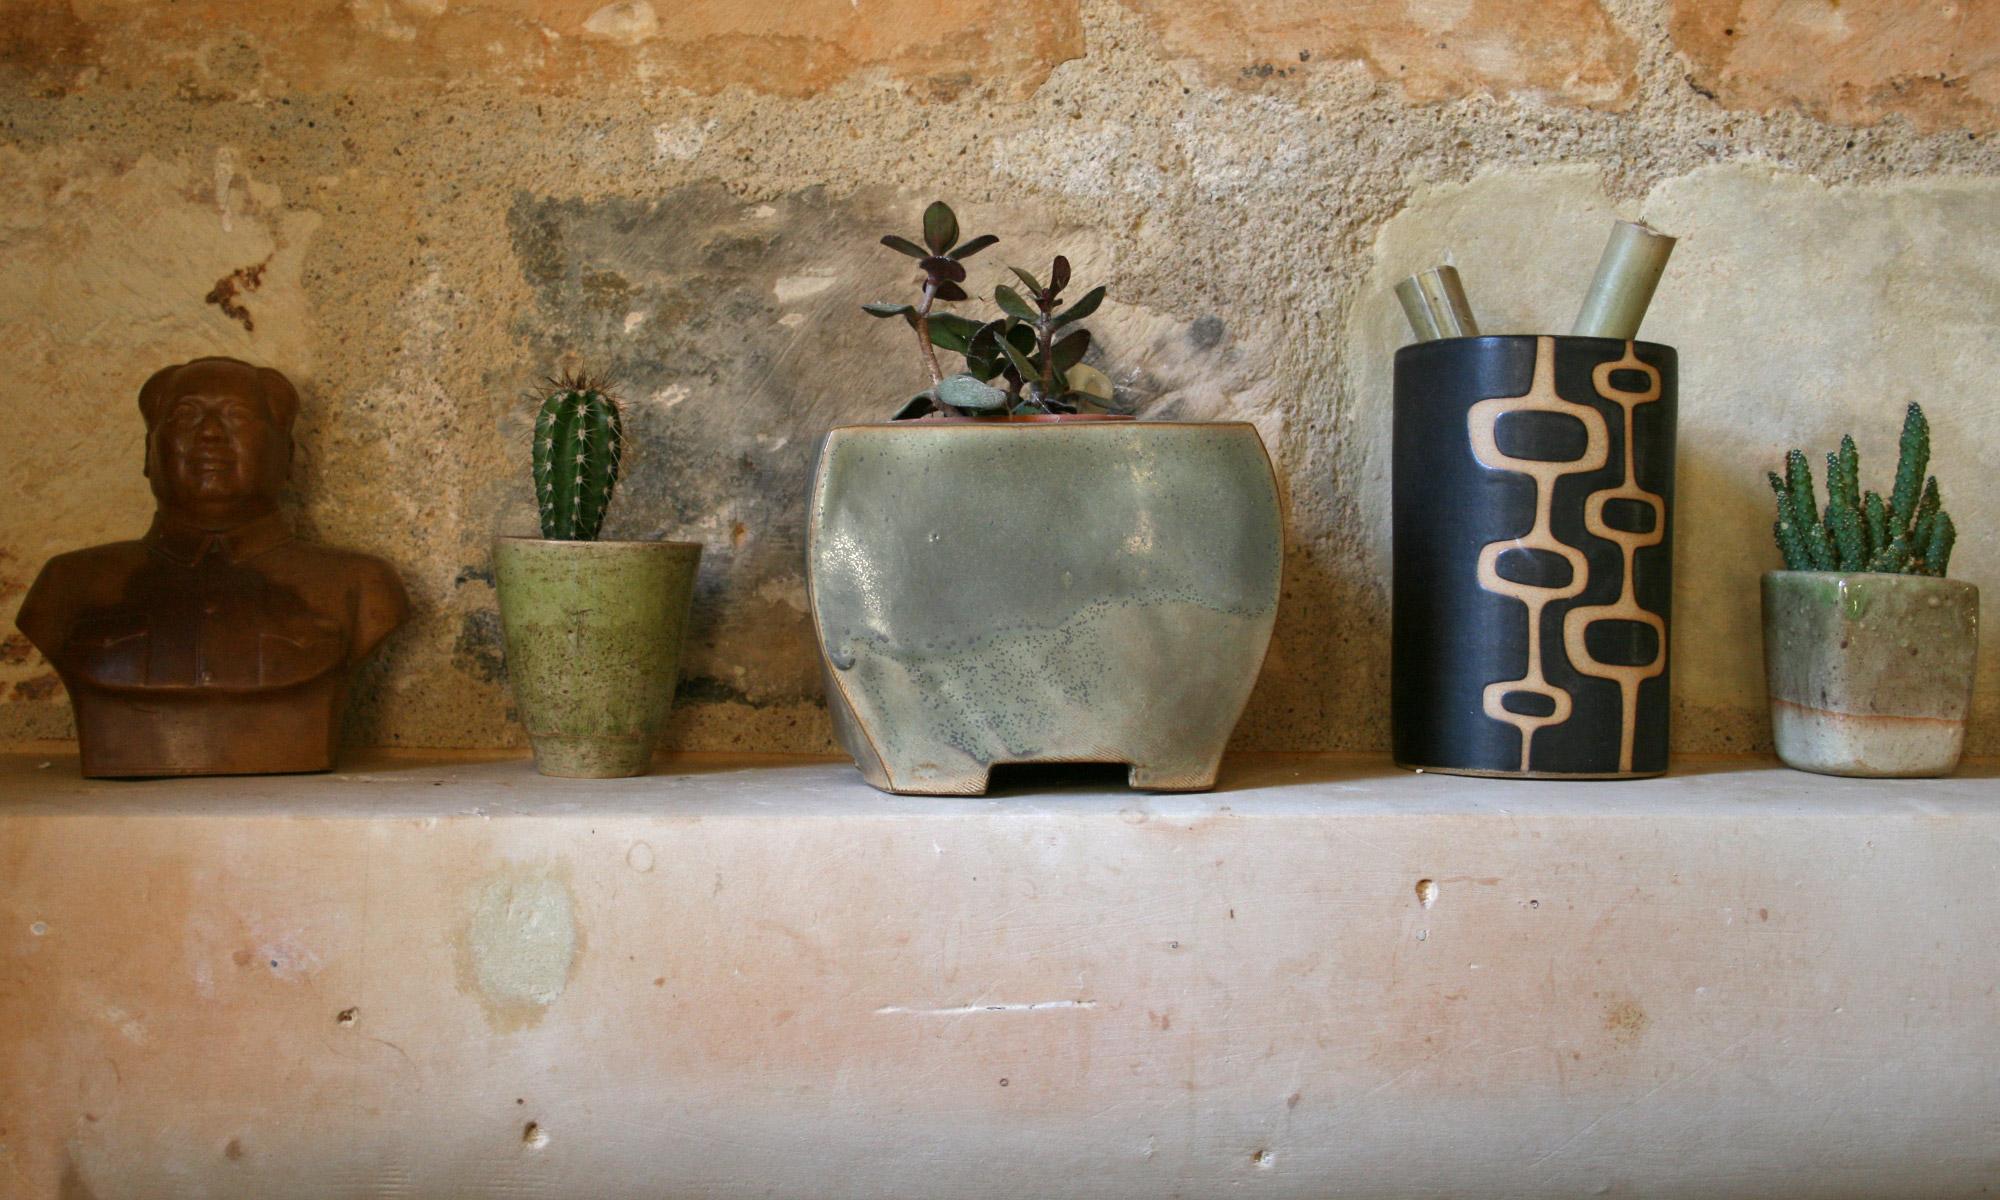 L'atelier modeste - céramique